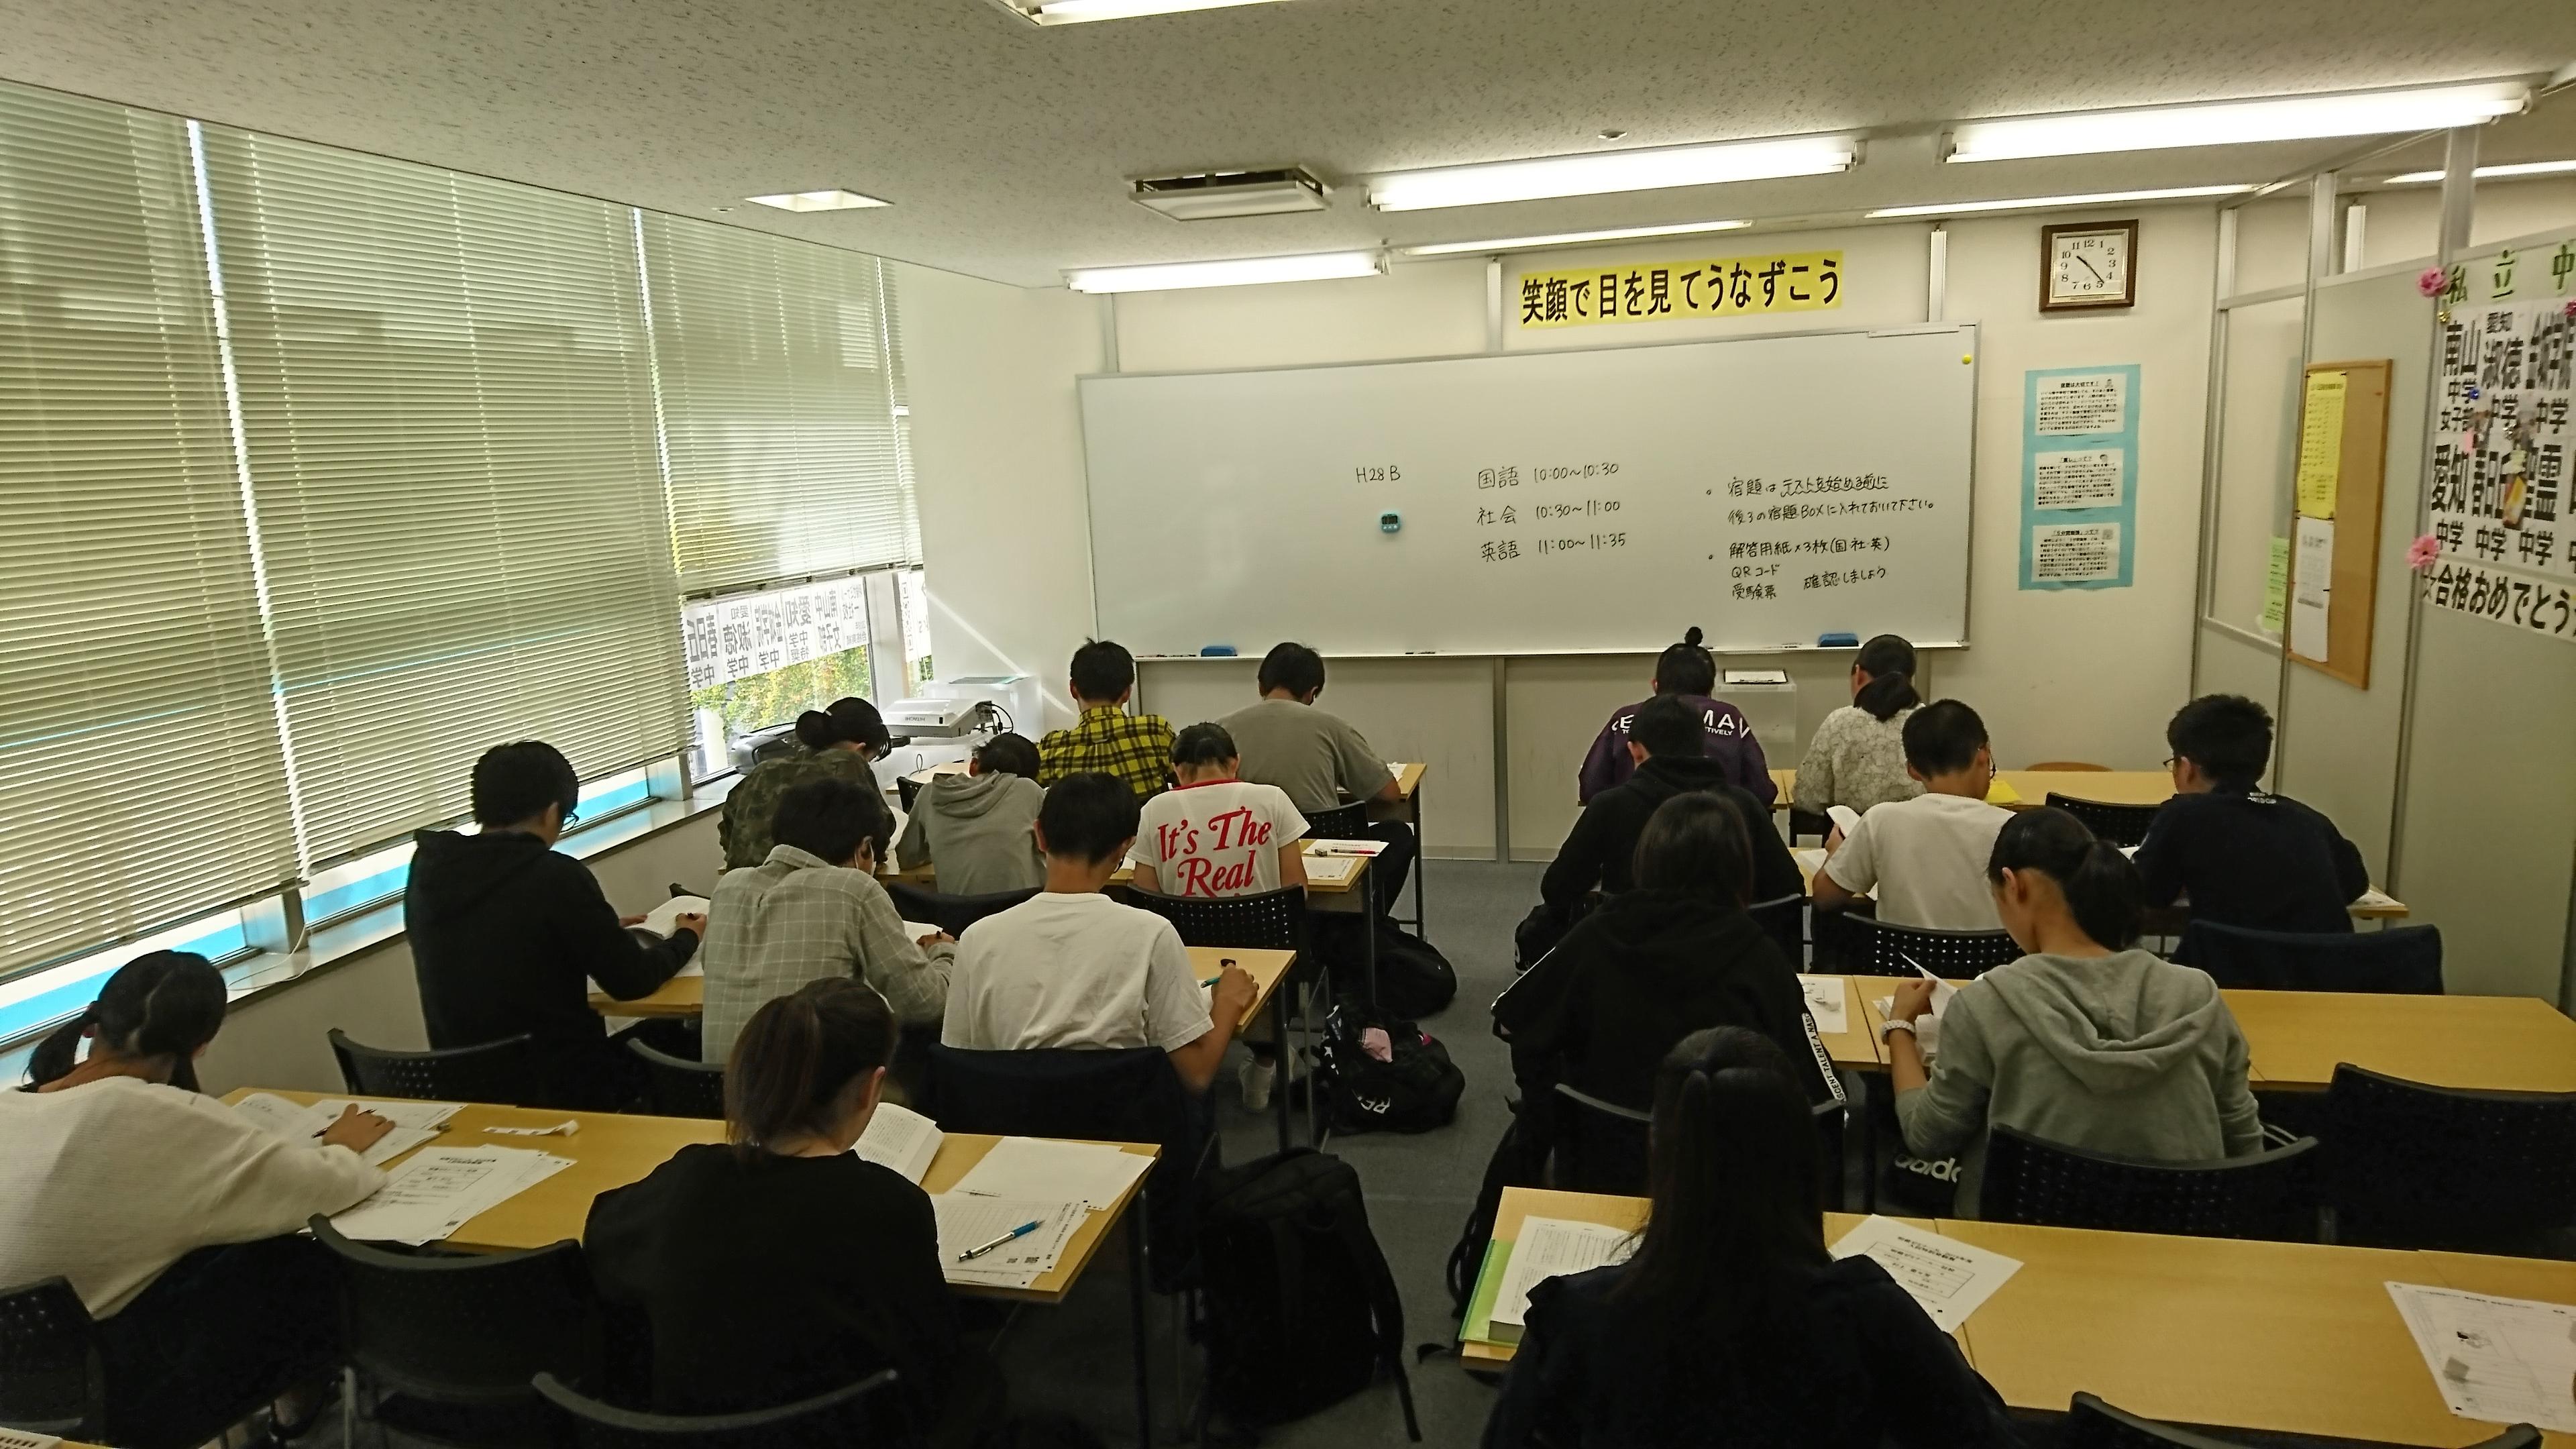 中3生 日曜特訓 再開!